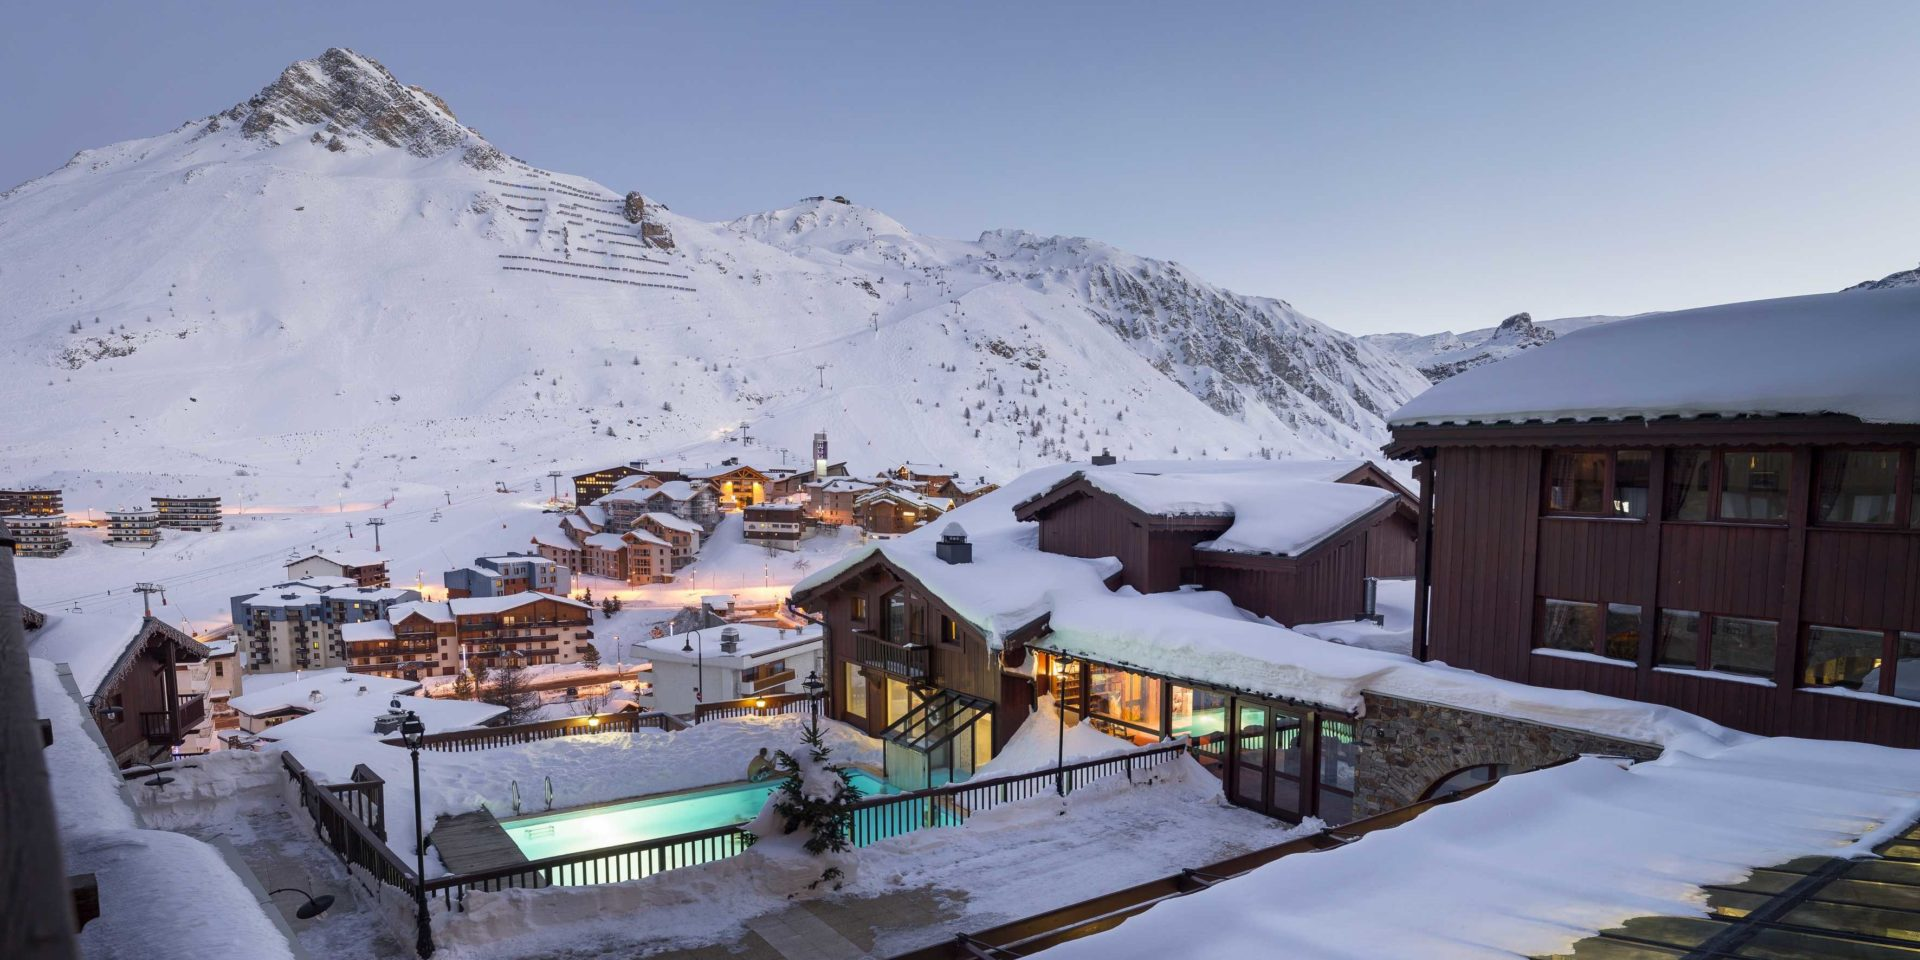 Hotel Village Montana Tignes Tignes-Val d'Isere Frankrijk wintersport skivakantie luxe buiten zwembad zwemmen ontspannen relaxen genieten uitzicht dorp Tignes besneeuwde bergen sneeuw